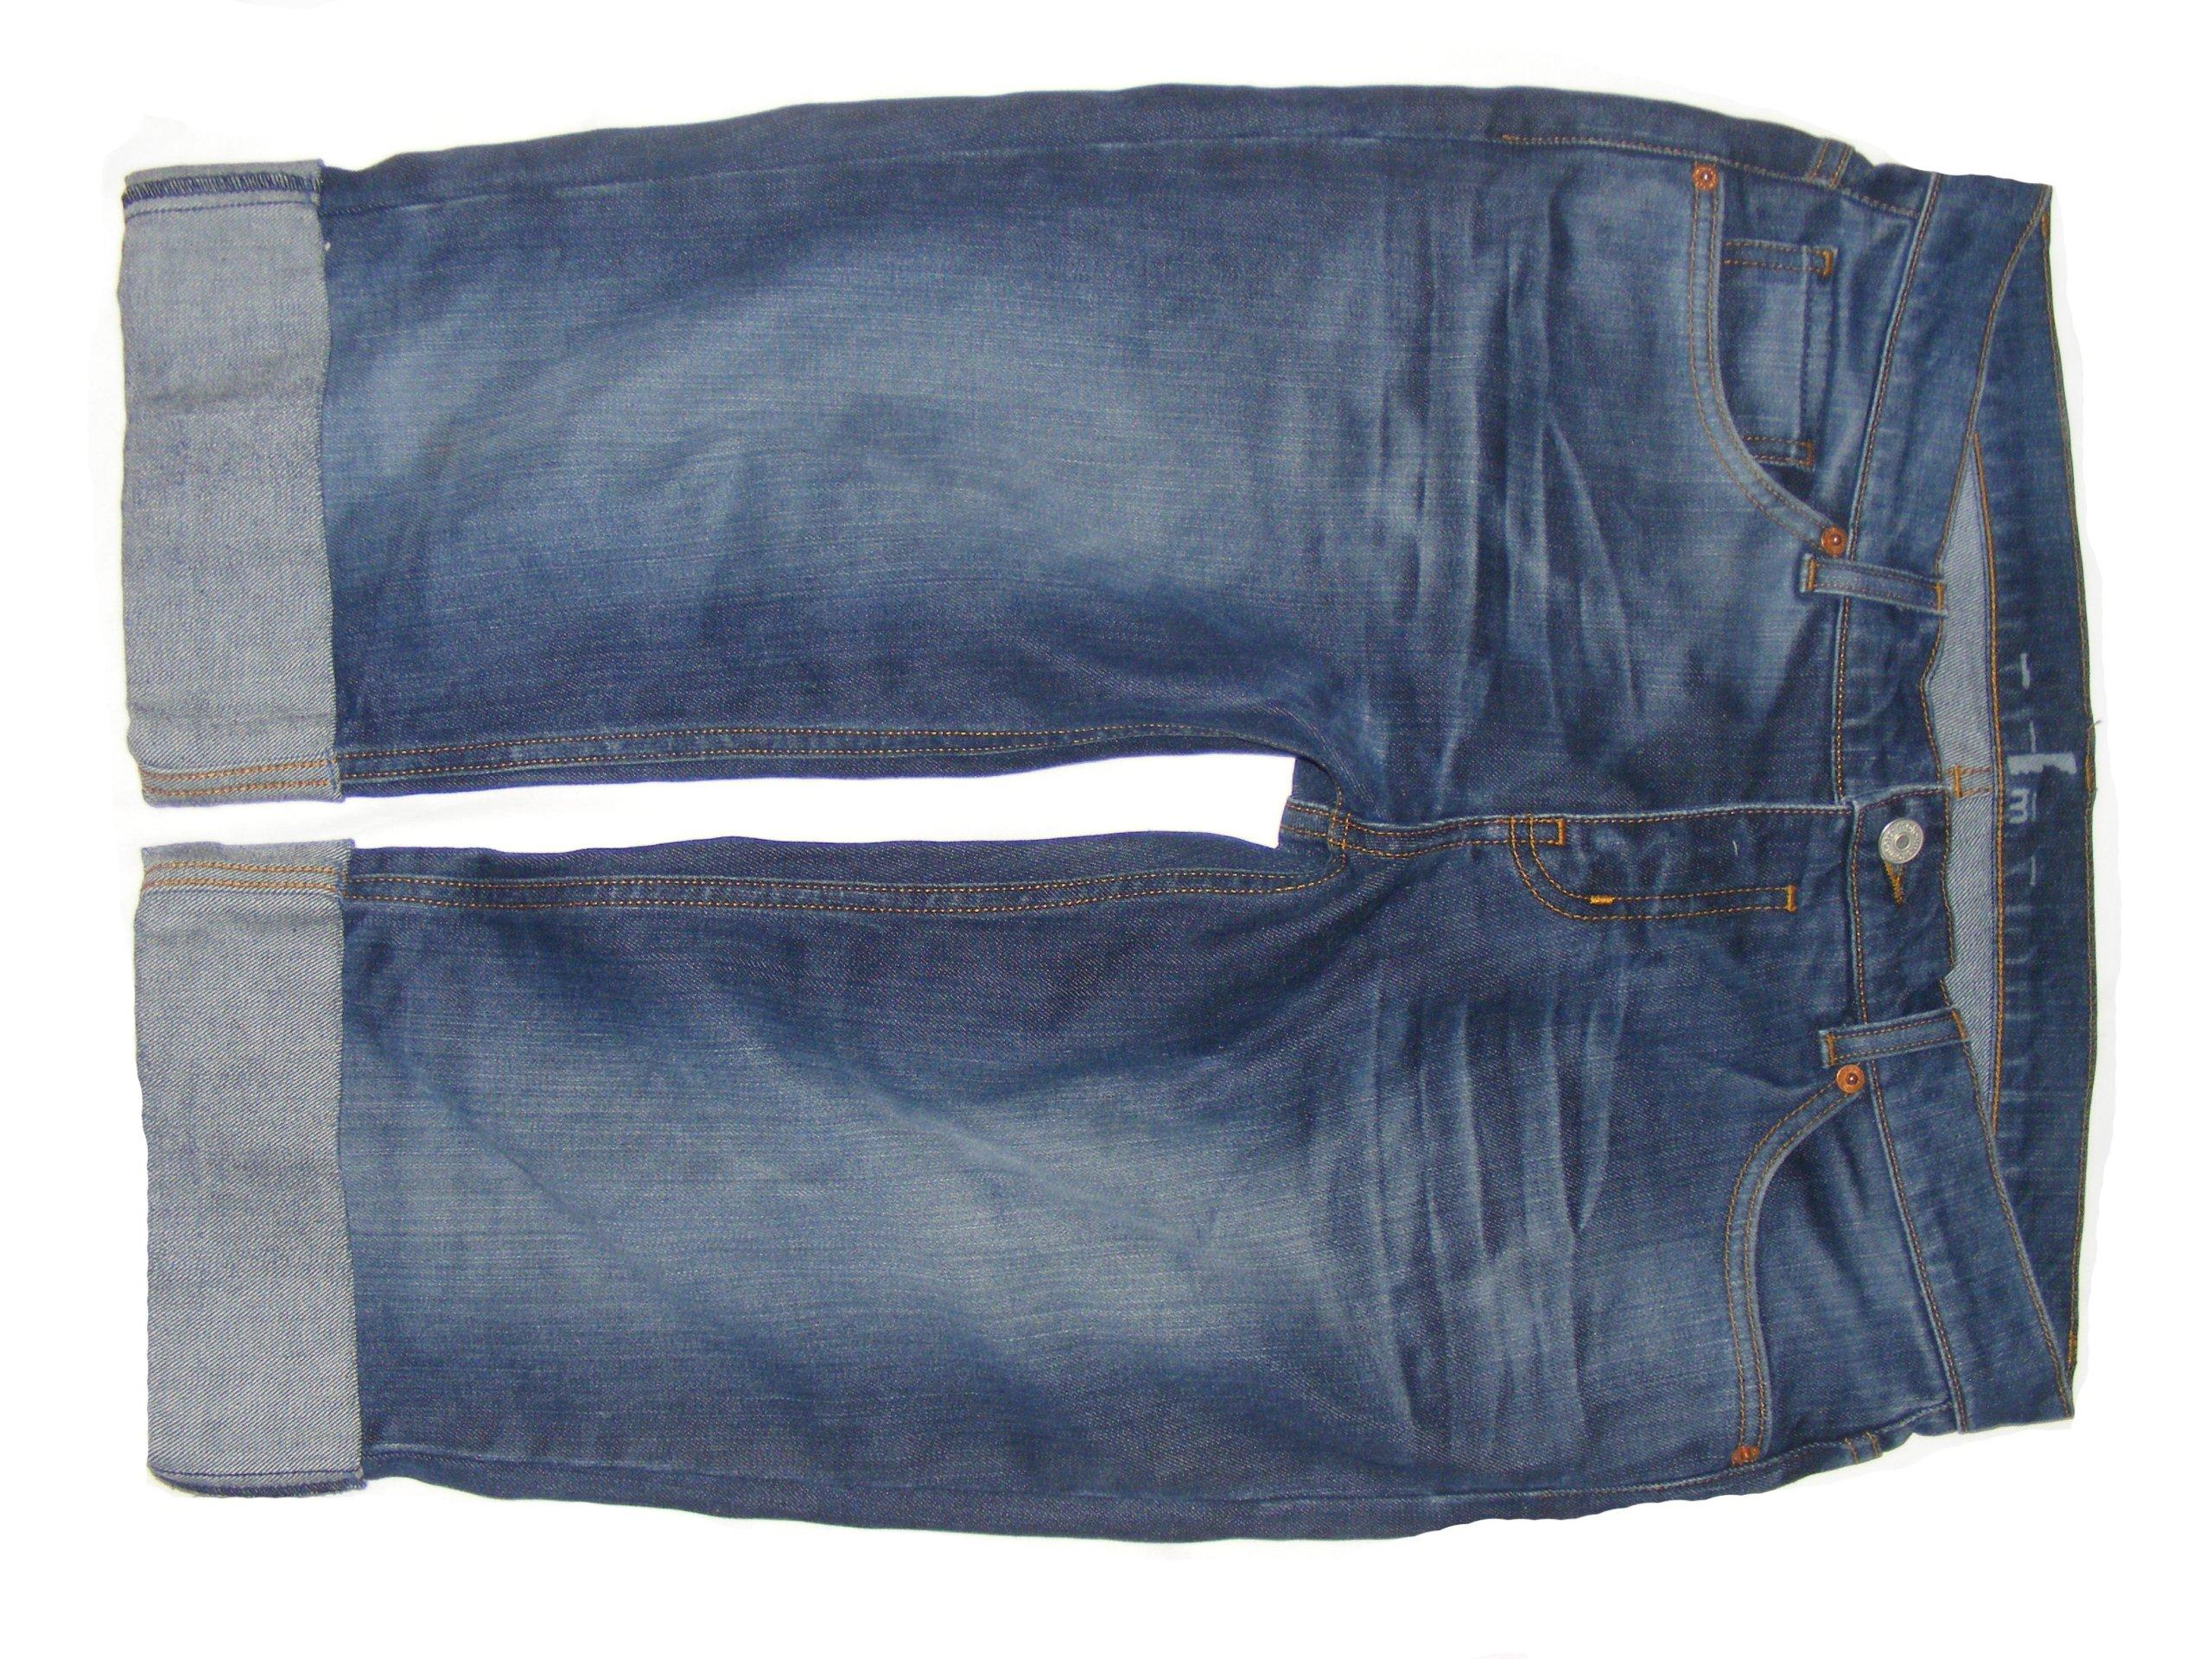 Spodnie damskie jeansy rybaczki UK 14 42 XL